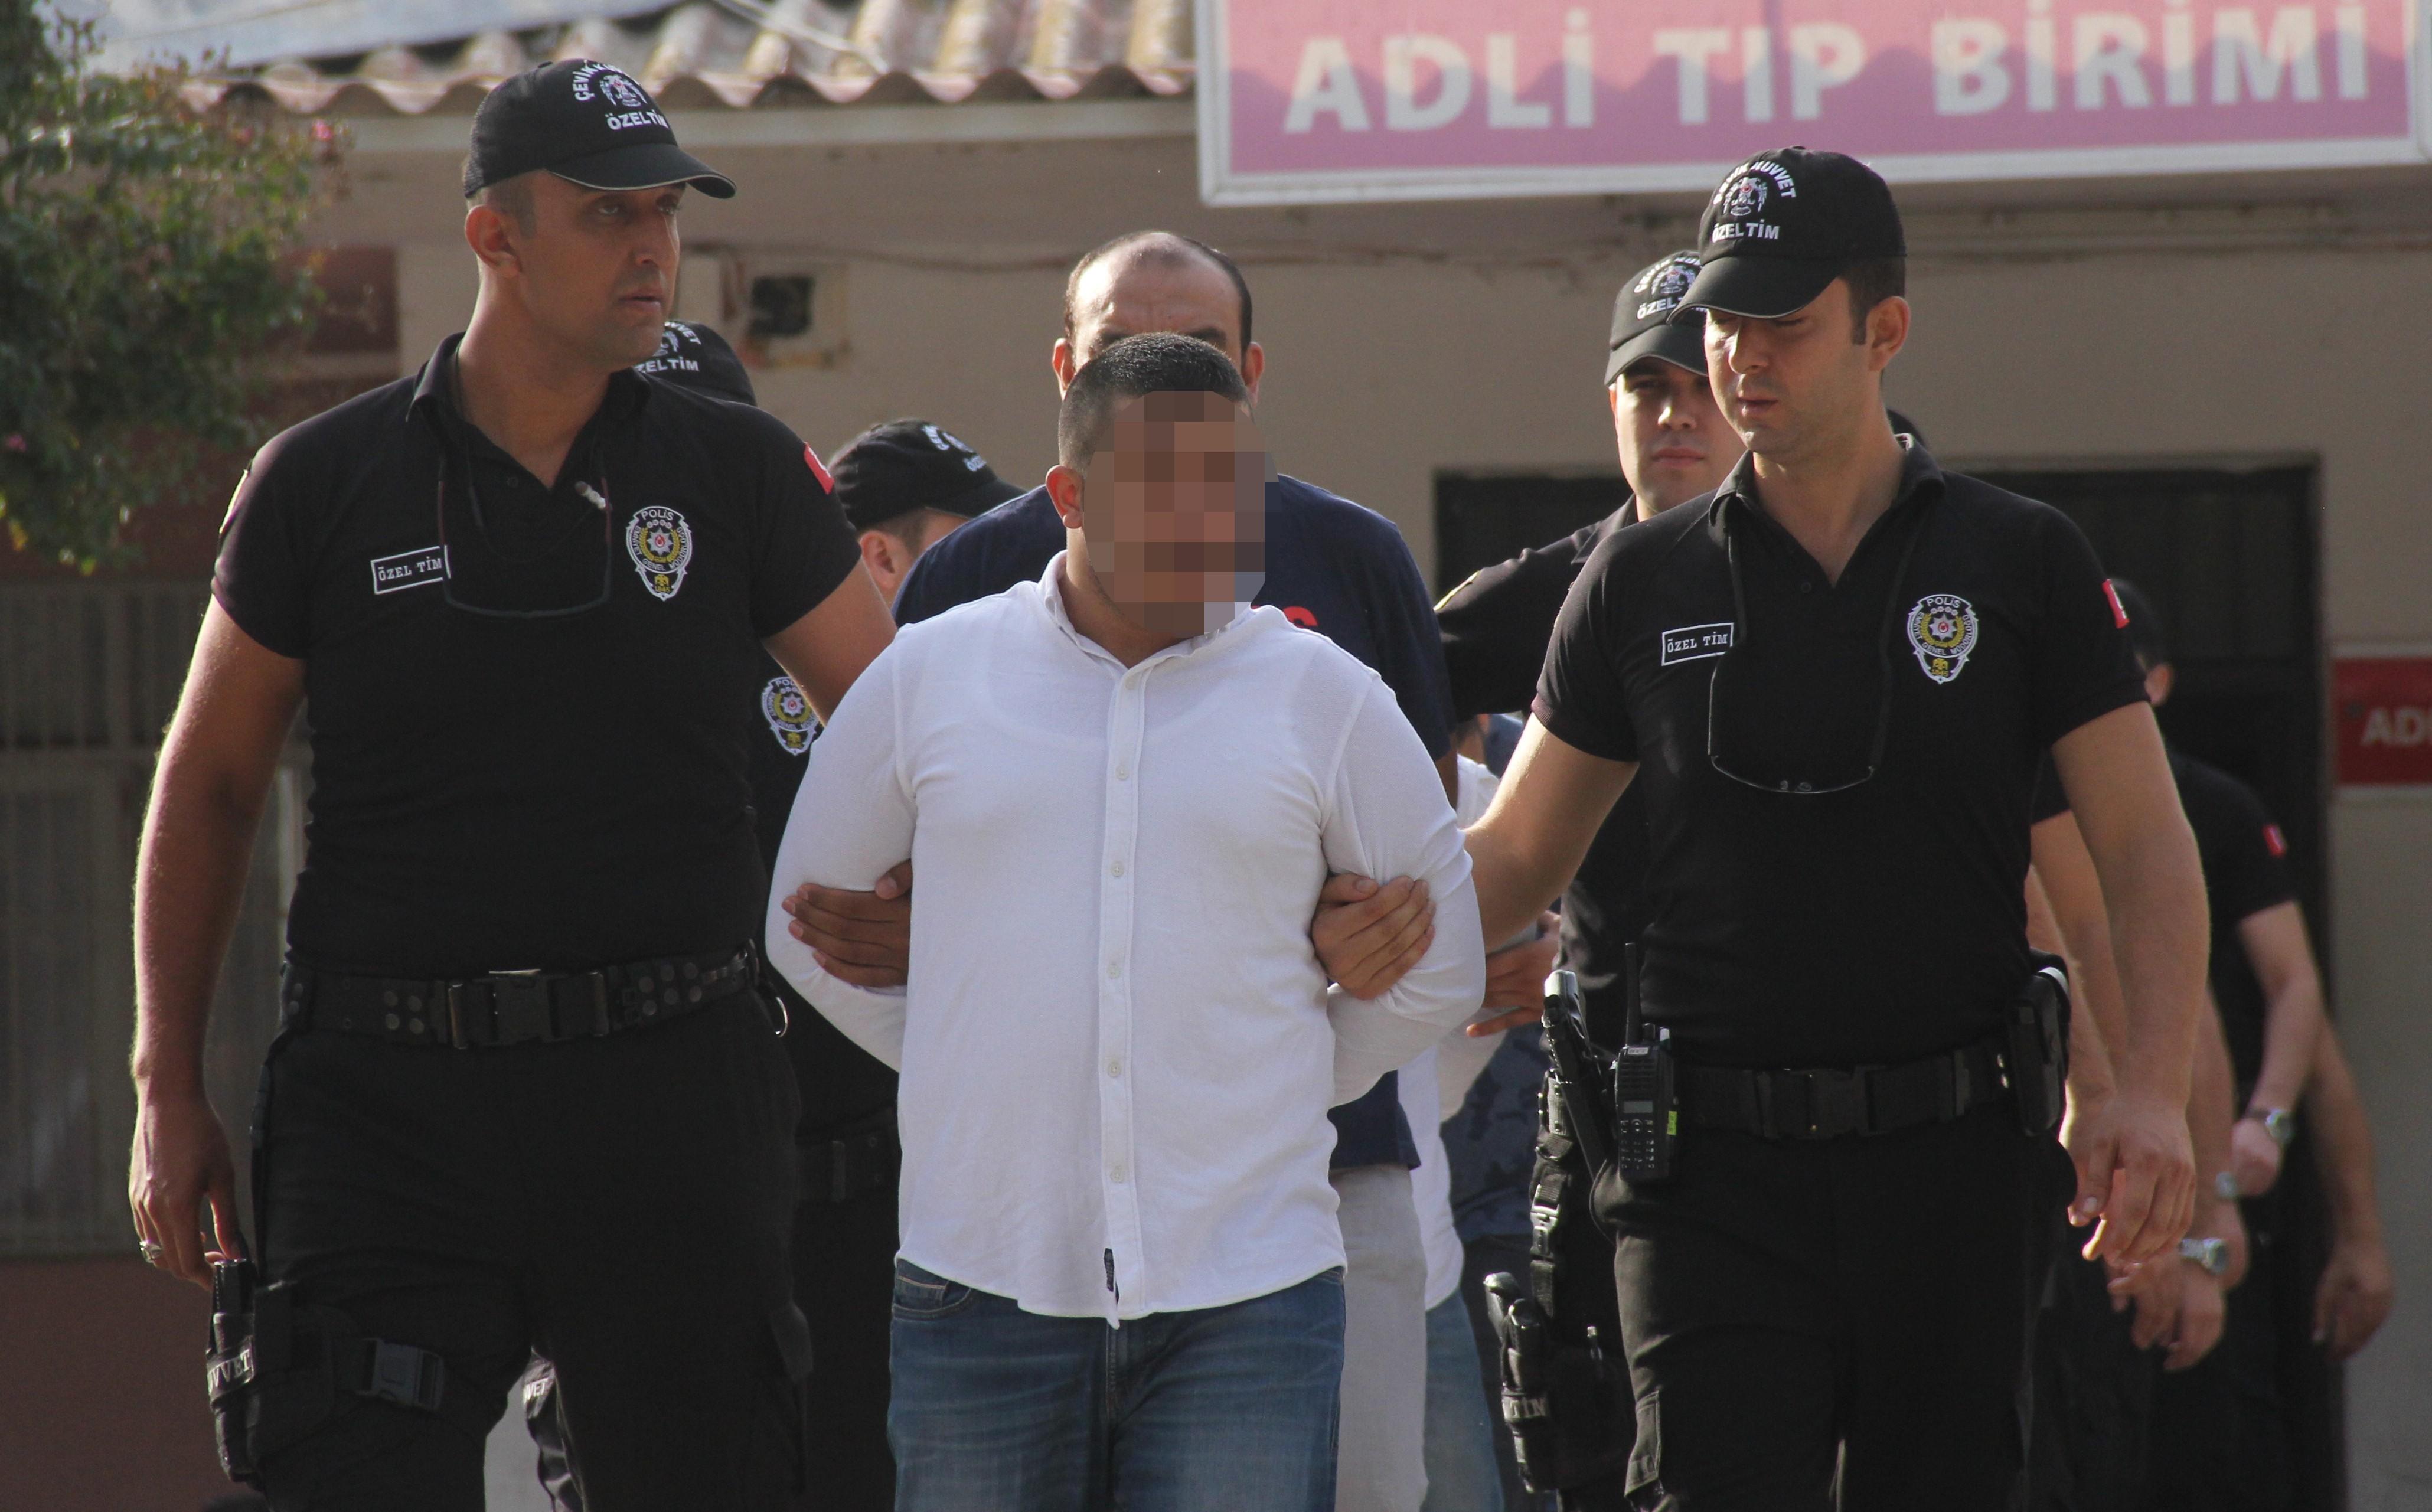 Çete liderinin evinden, cezaevinin krokisi çıktı